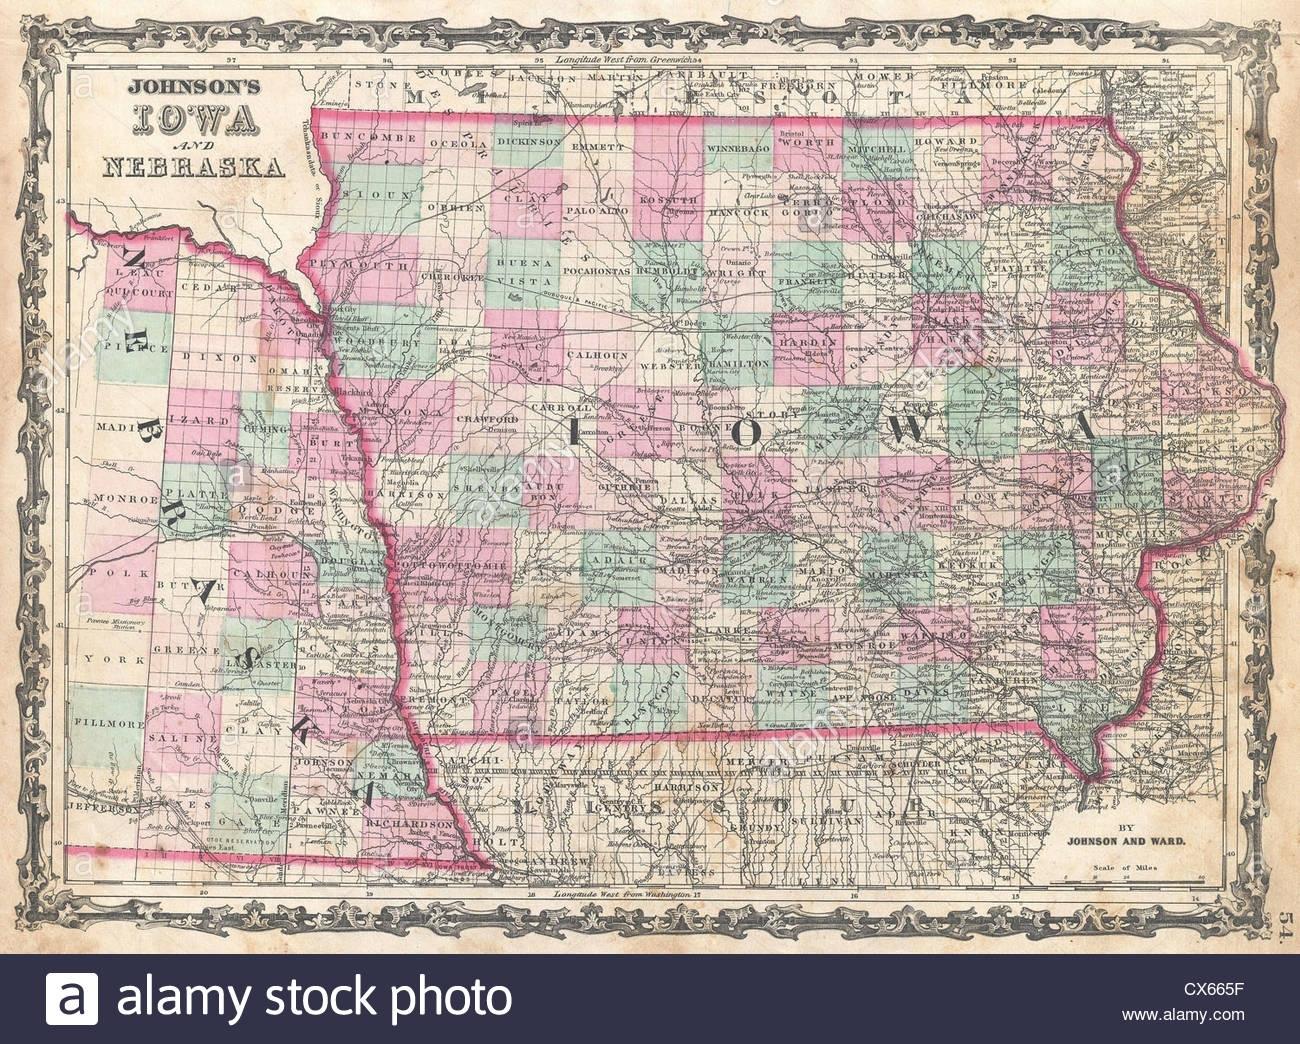 Nebraska Iowa Map Stockfotos & Nebraska Iowa Map Bilder - Alamy with Map Of Nebraska Iowa Border